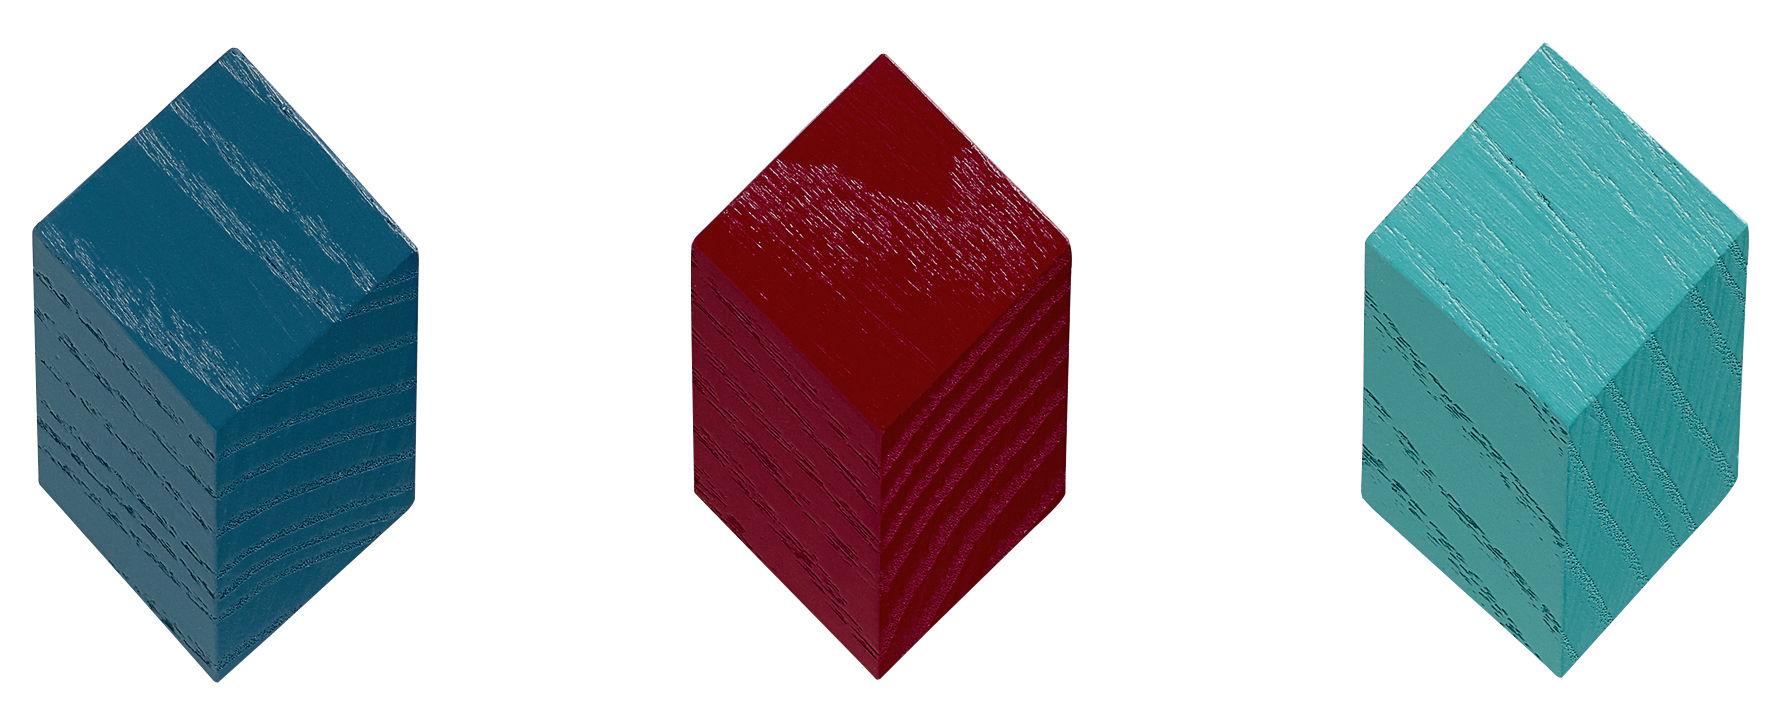 Möbel - Garderoben und Kleiderhaken - Iso Wandhaken / 3er-Set - Hay - Rot / grün - bemalte Esche